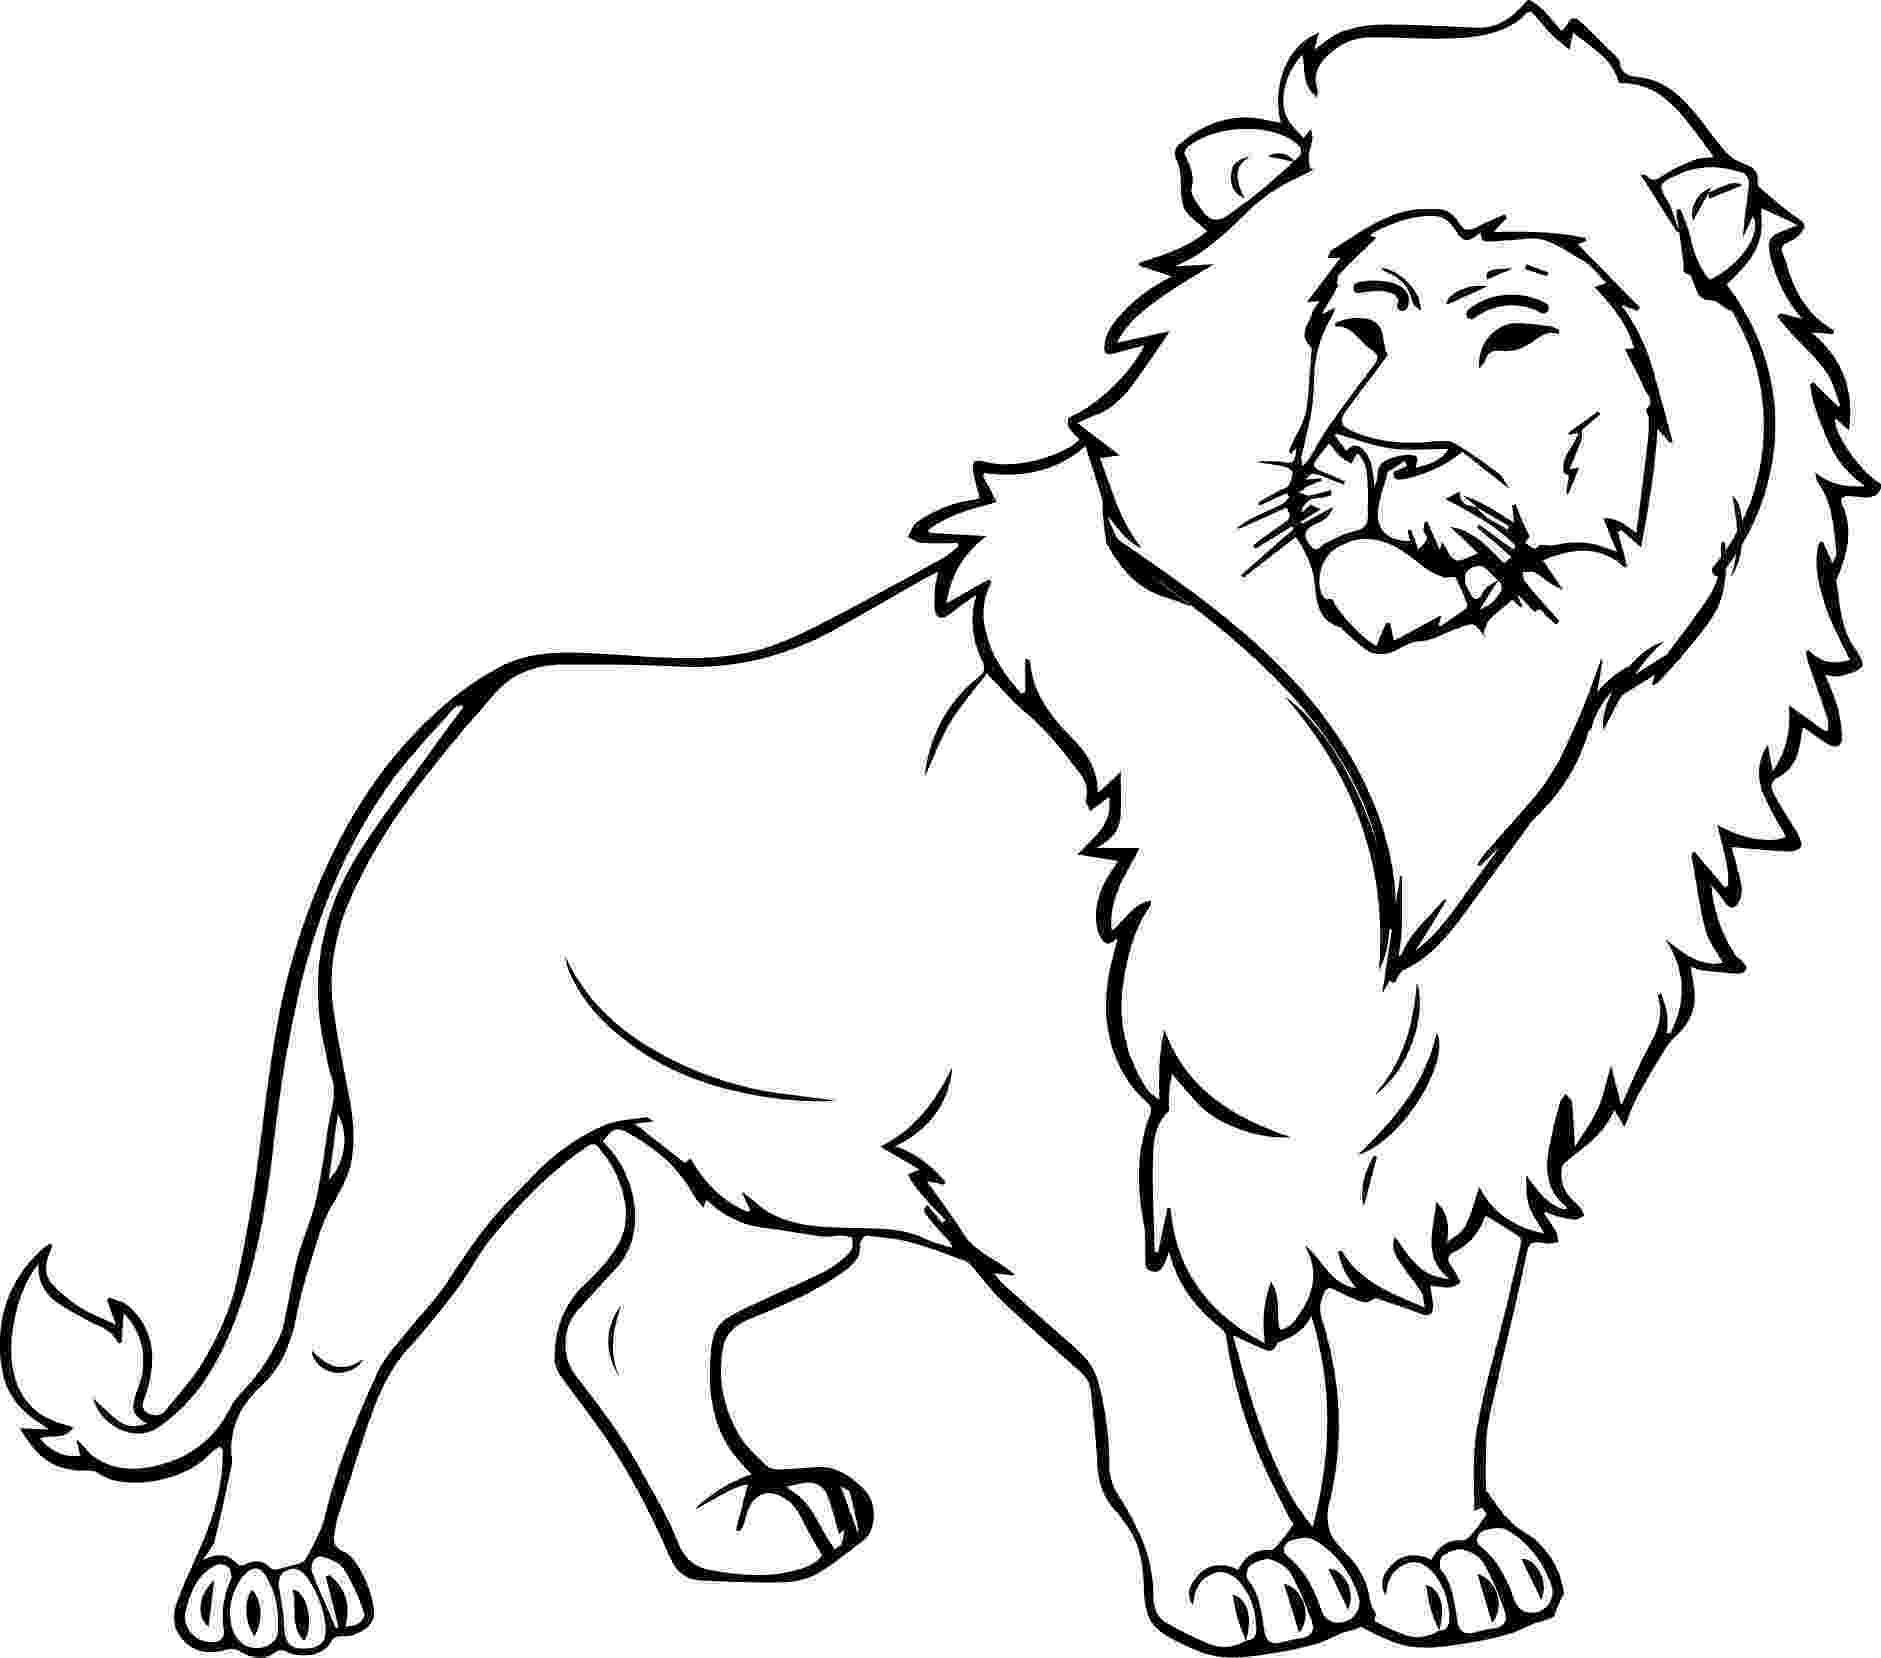 lion color page lion coloring pages wecoloringpagecom page color lion